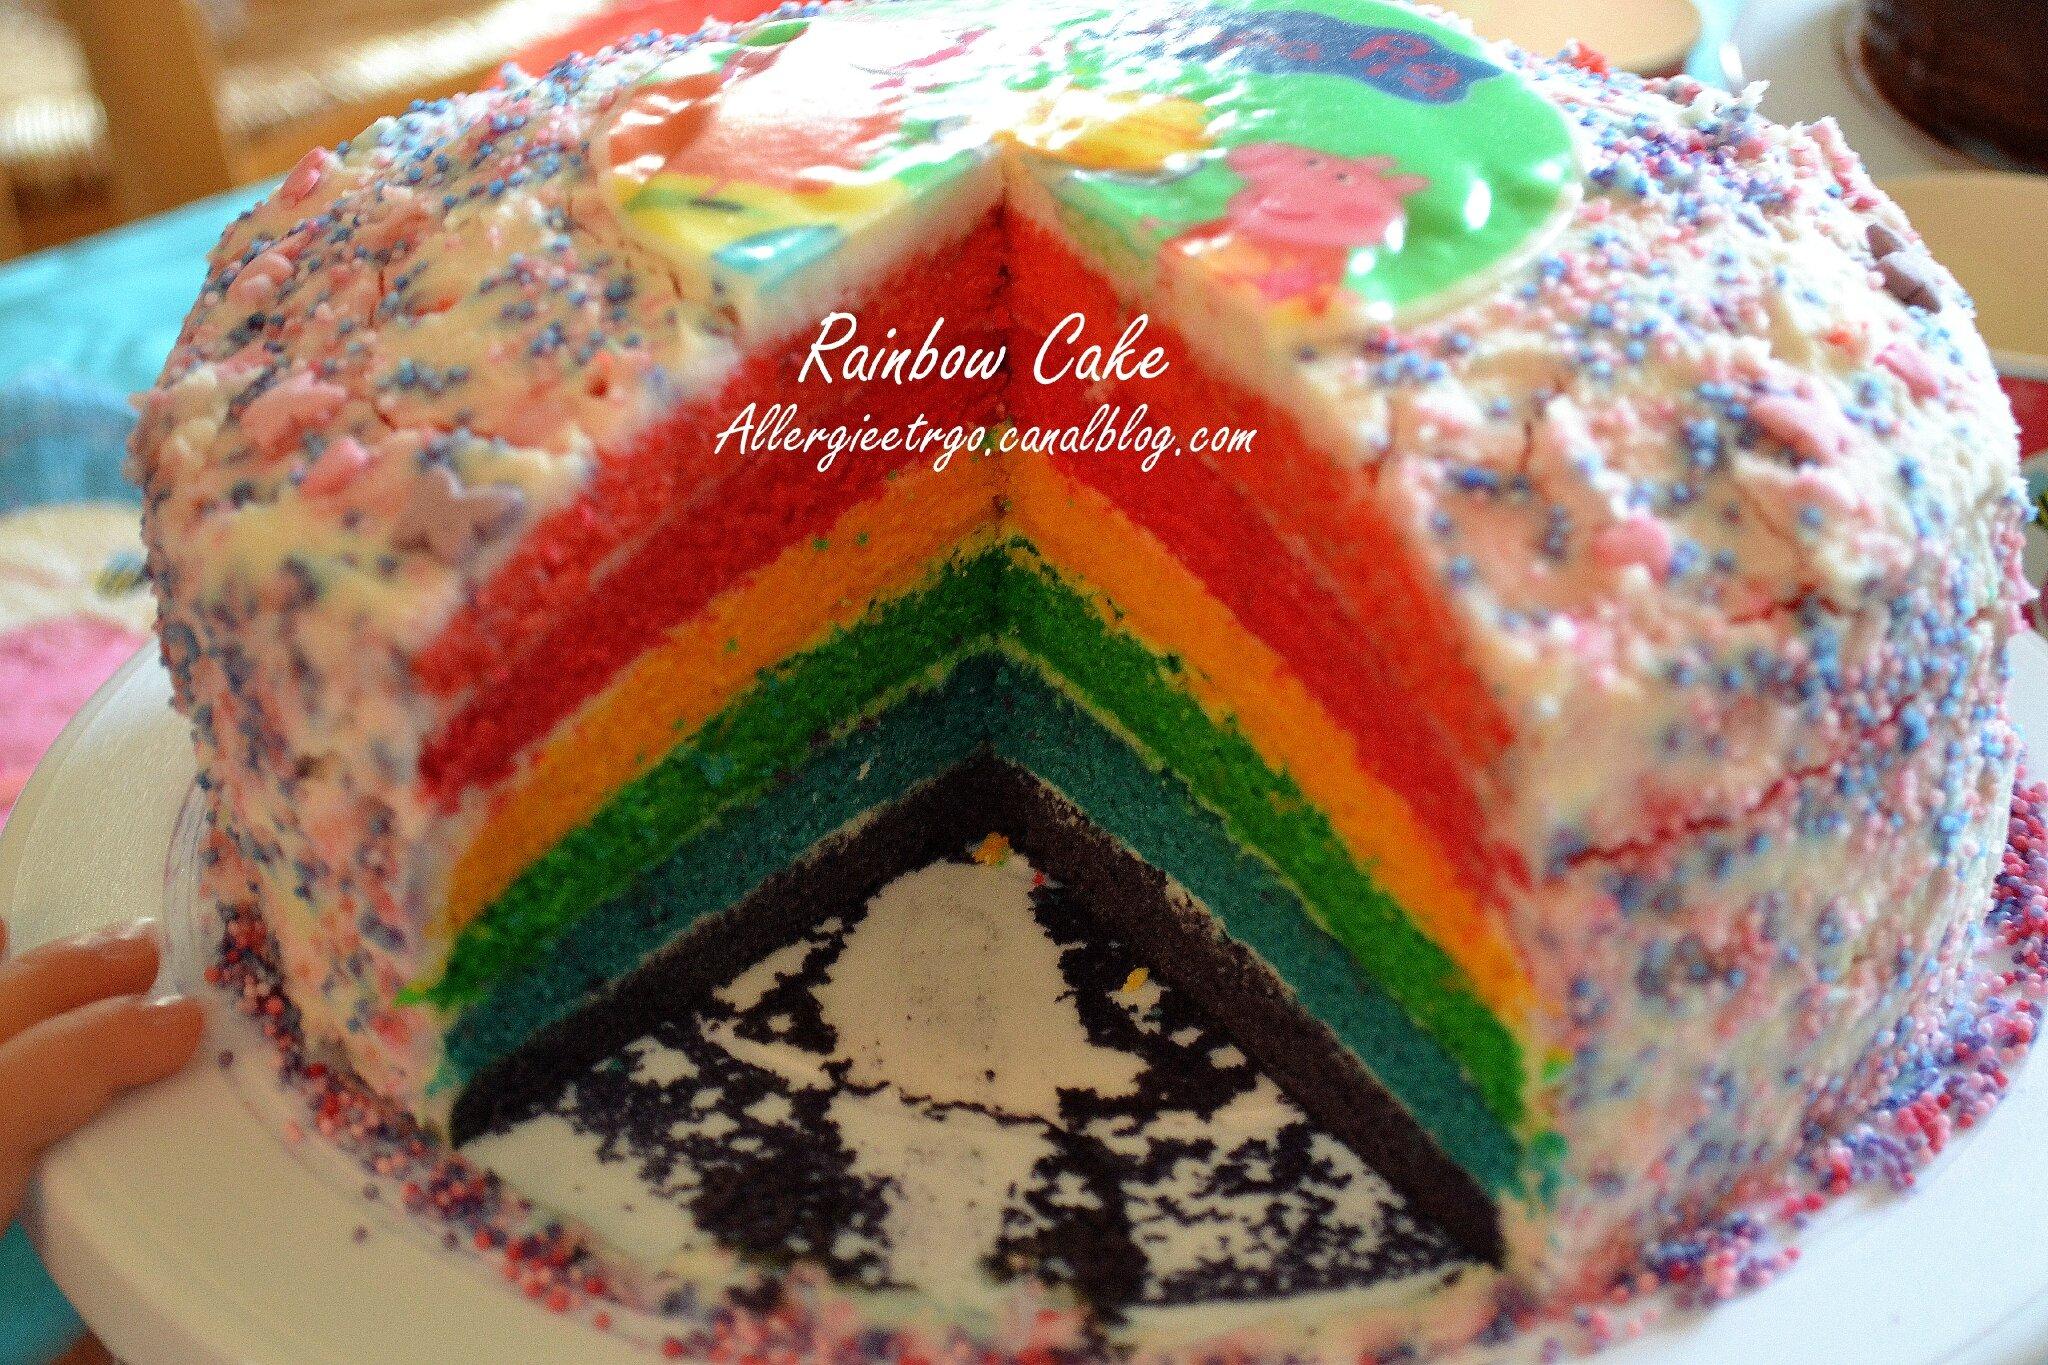 Rainbow cake sans prot ines de lait animal sans soja - Gateau sans oeuf ni lait ...